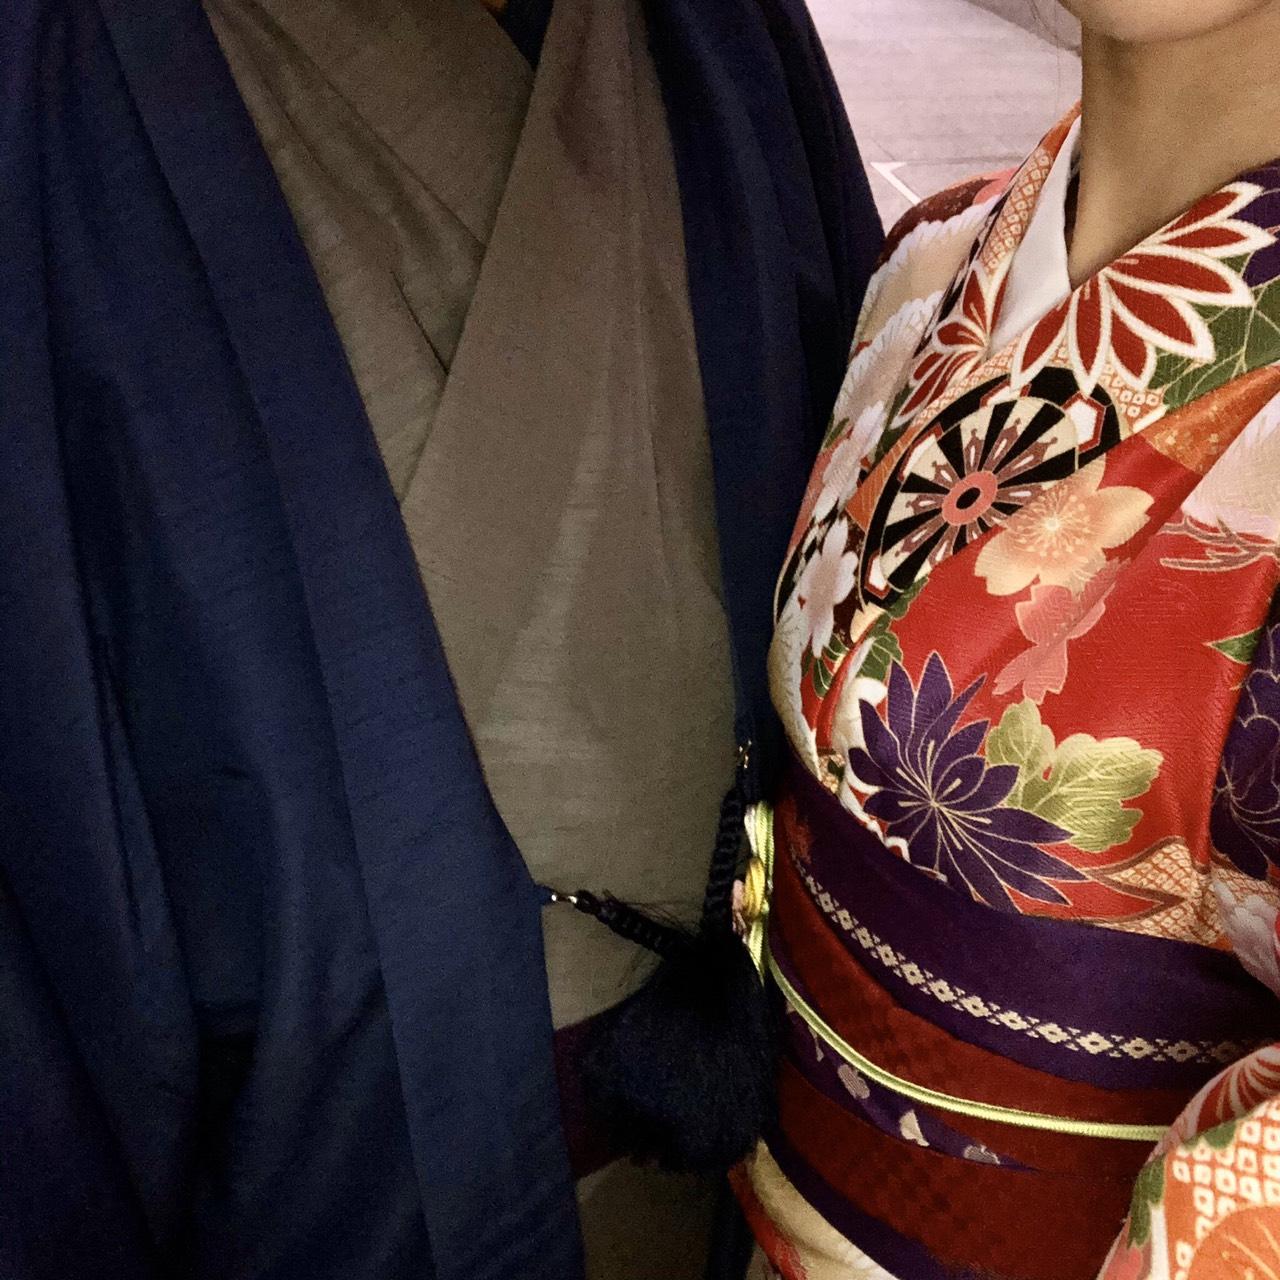 京都は紅葉見頃で~す2019年11月24日8